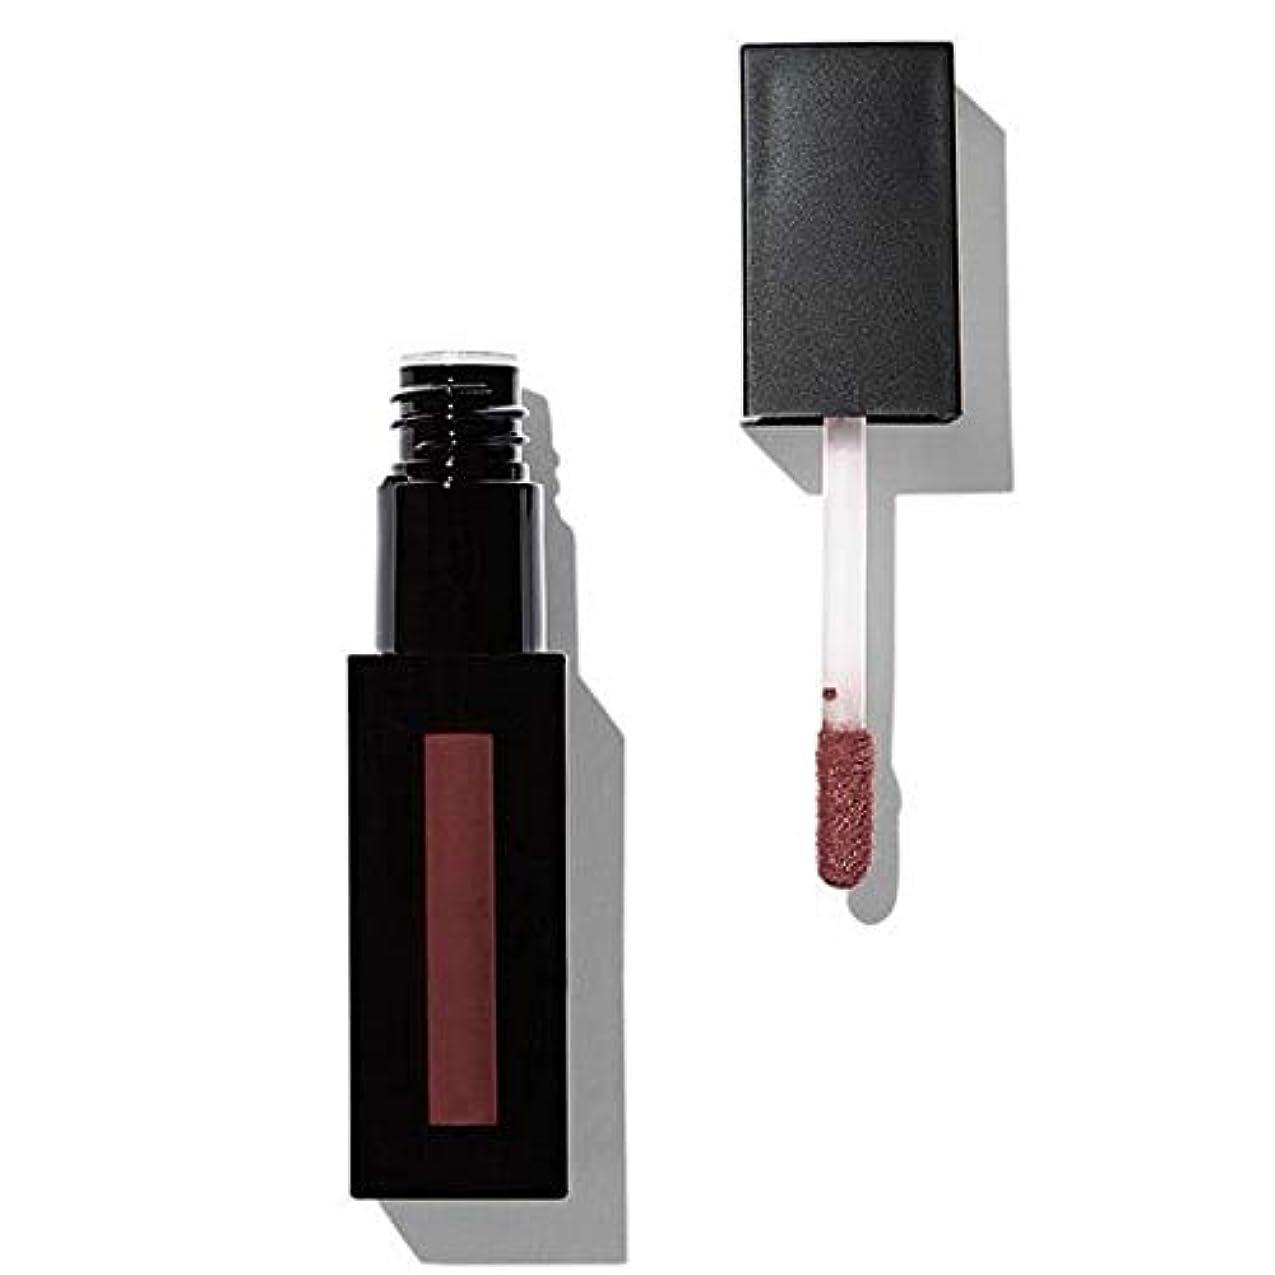 矢じり否認する簡単な[Revolution ] 革命プロ最高のマットリップ顔料錯覚 - Revolution Pro Supreme Matte Lip Pigment Illusion [並行輸入品]